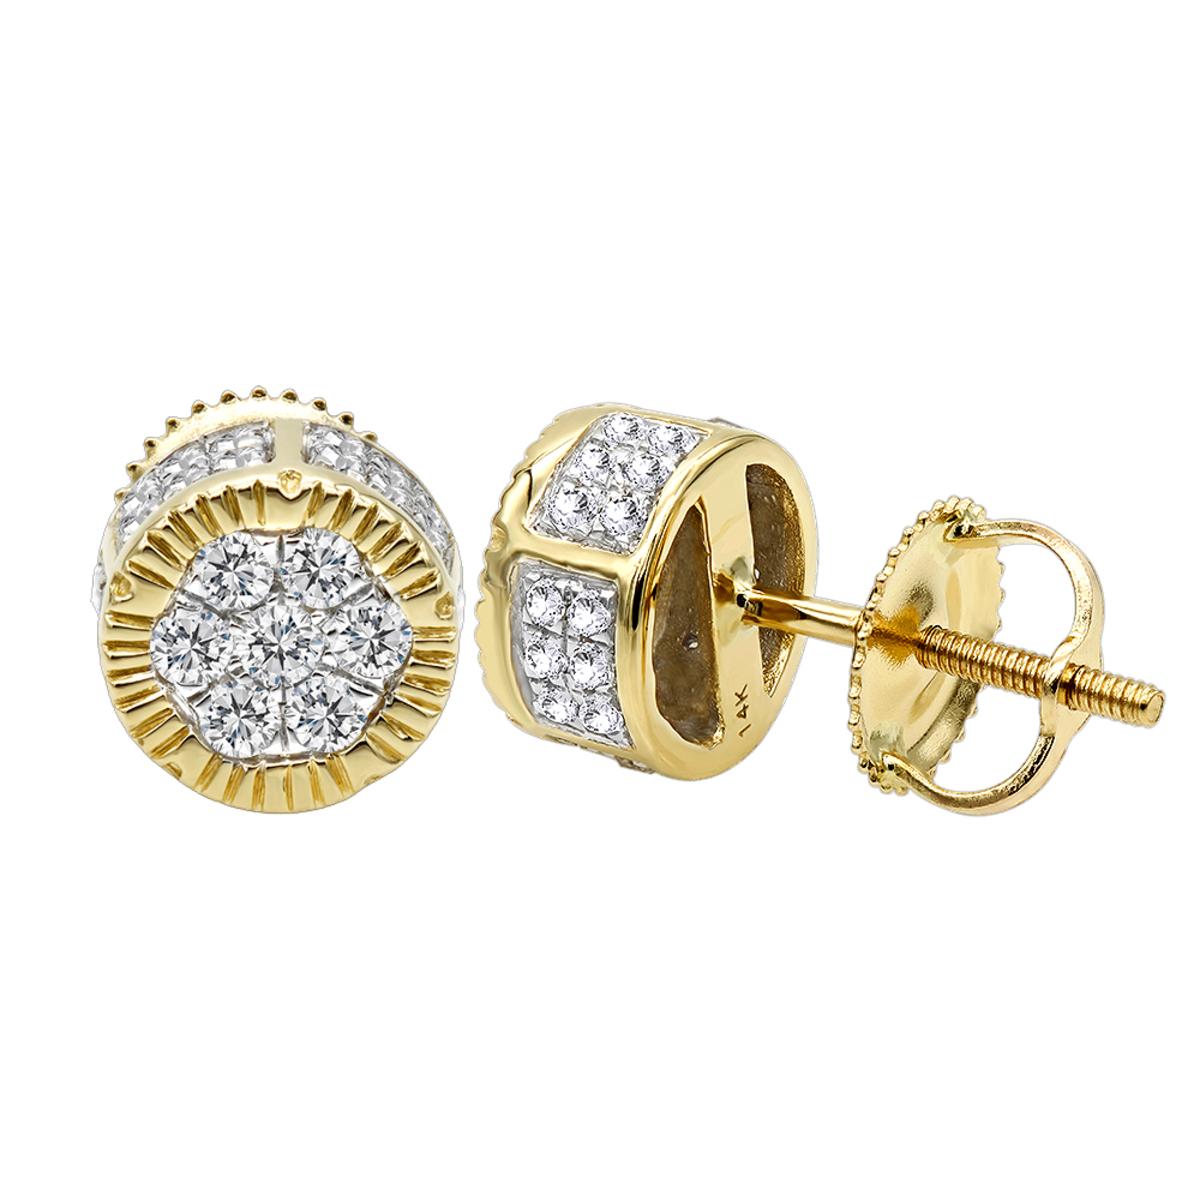 14K Solid Gold 2 Carat Look Diamond Stud Earrings 0.5ct Clusters Luxurman